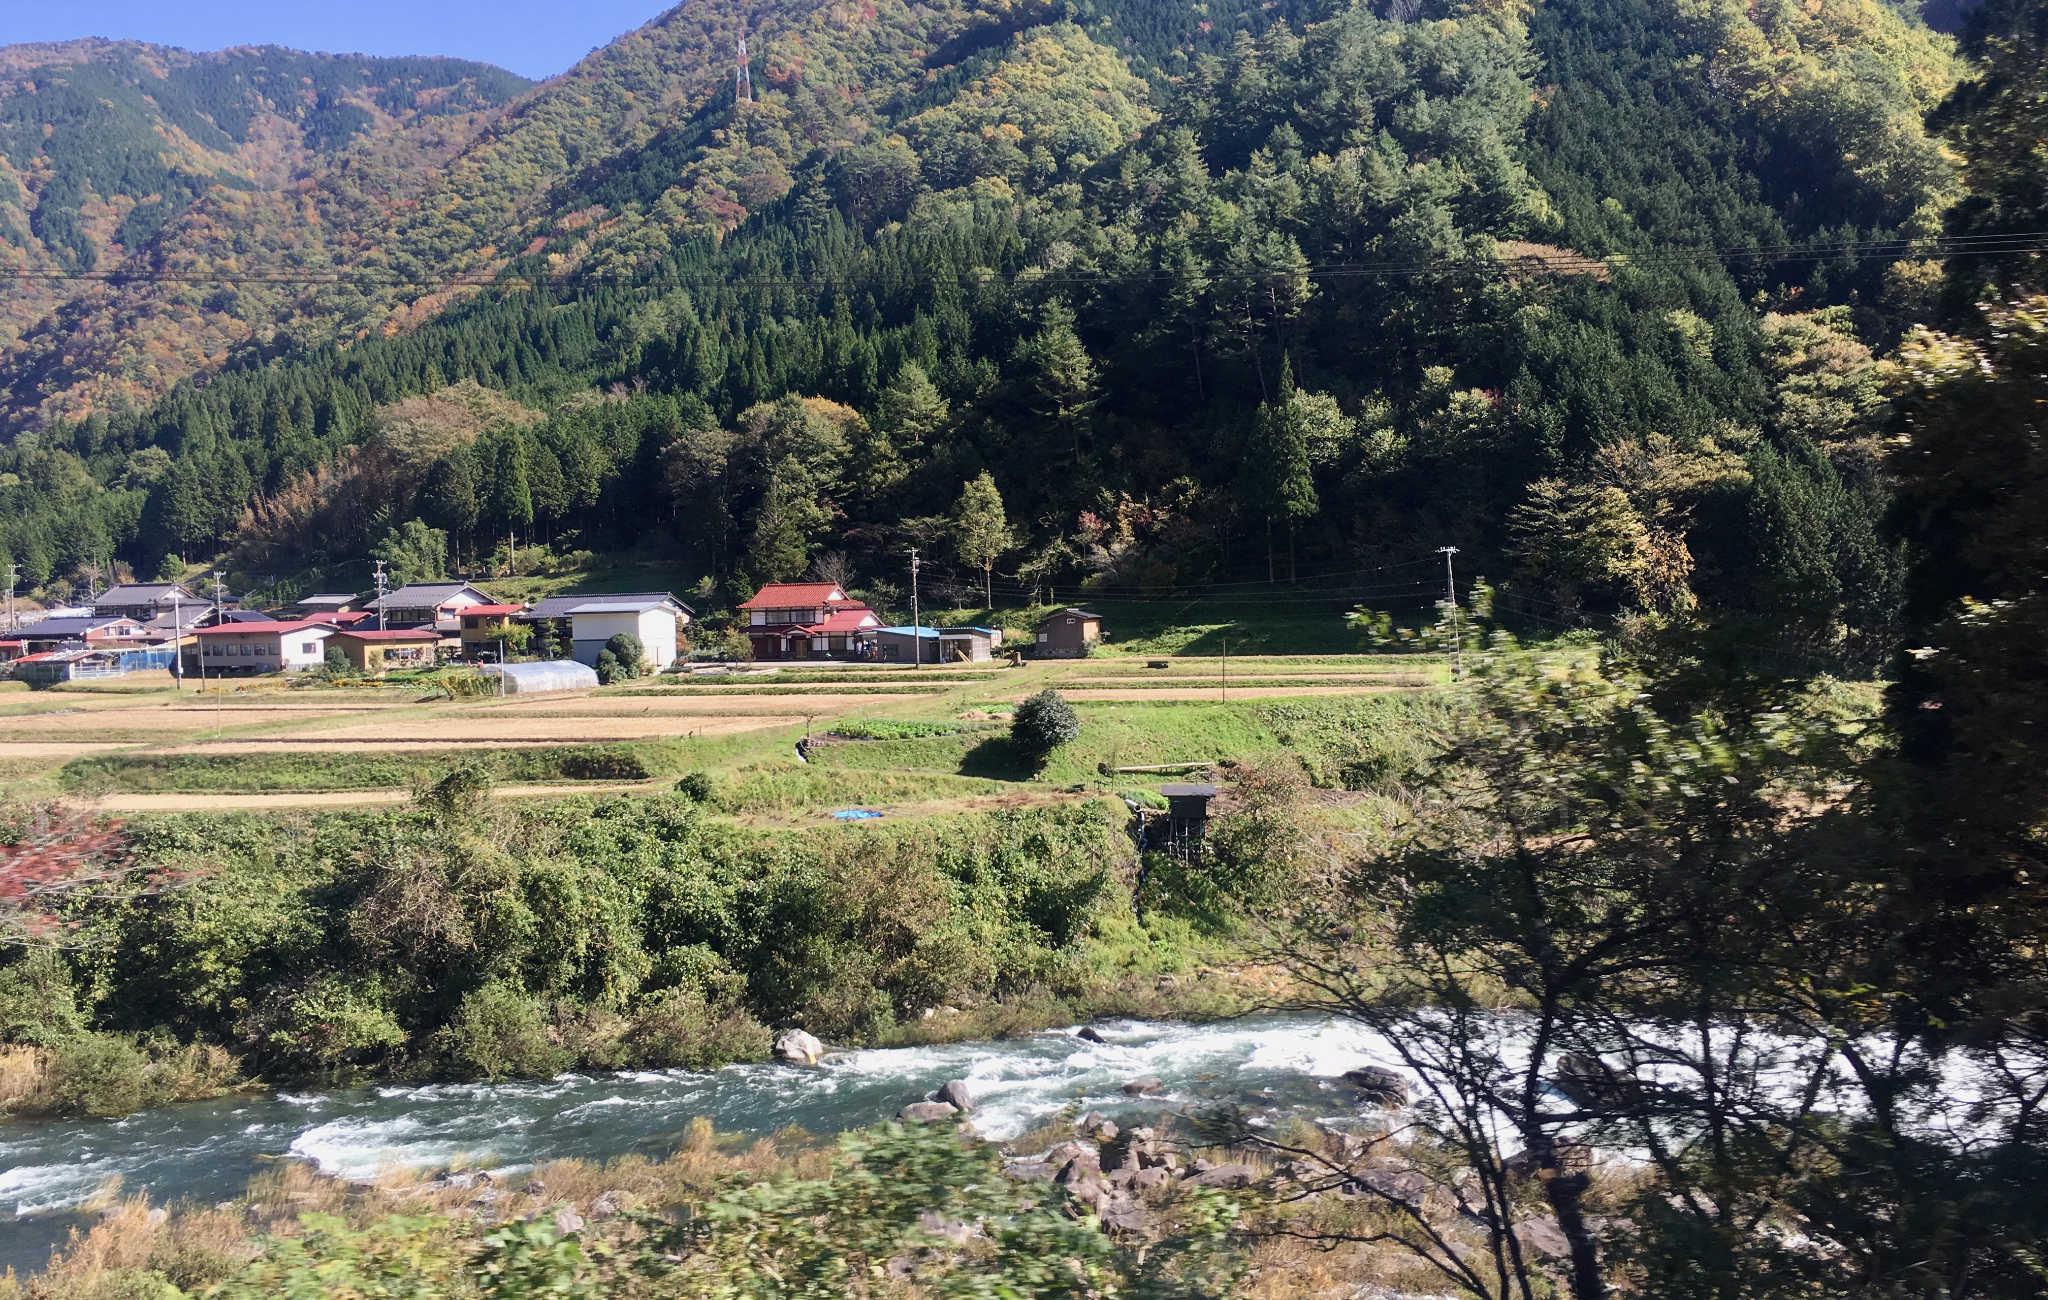 La campagne de Gifu, avec rivière et montagnes en fond